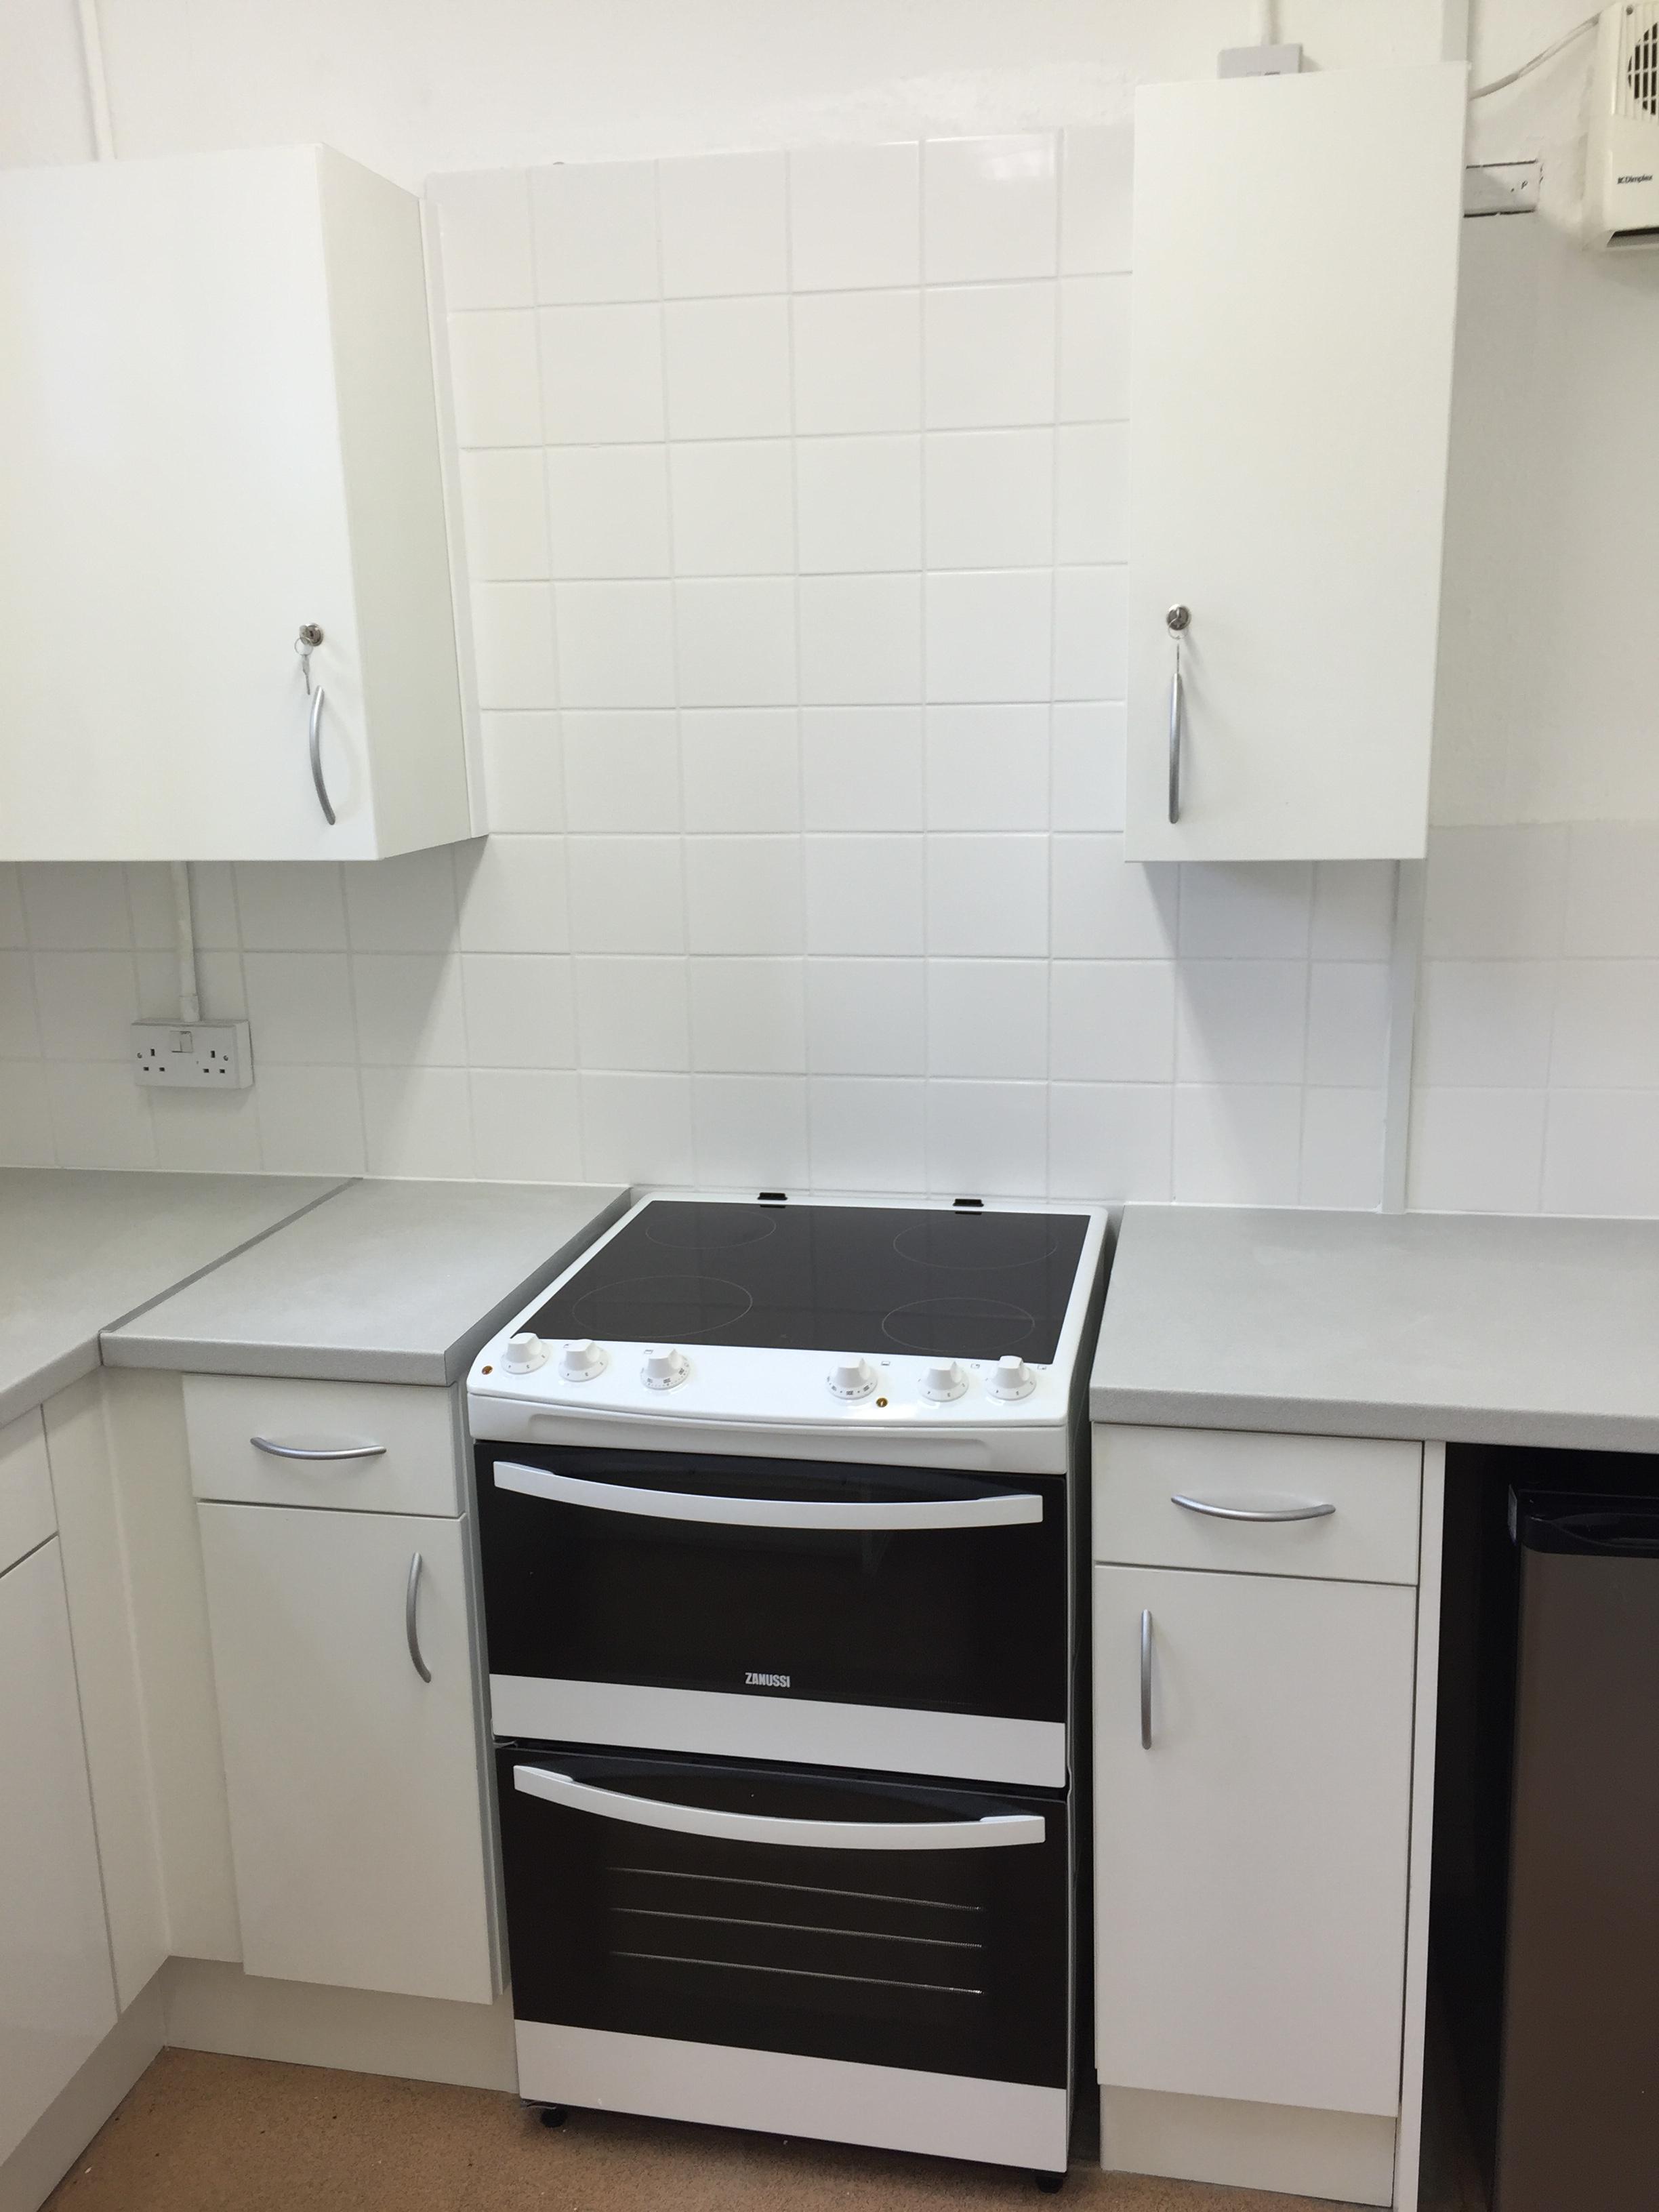 ENGIE installs new communal kitchen on William Sutton Estate ...